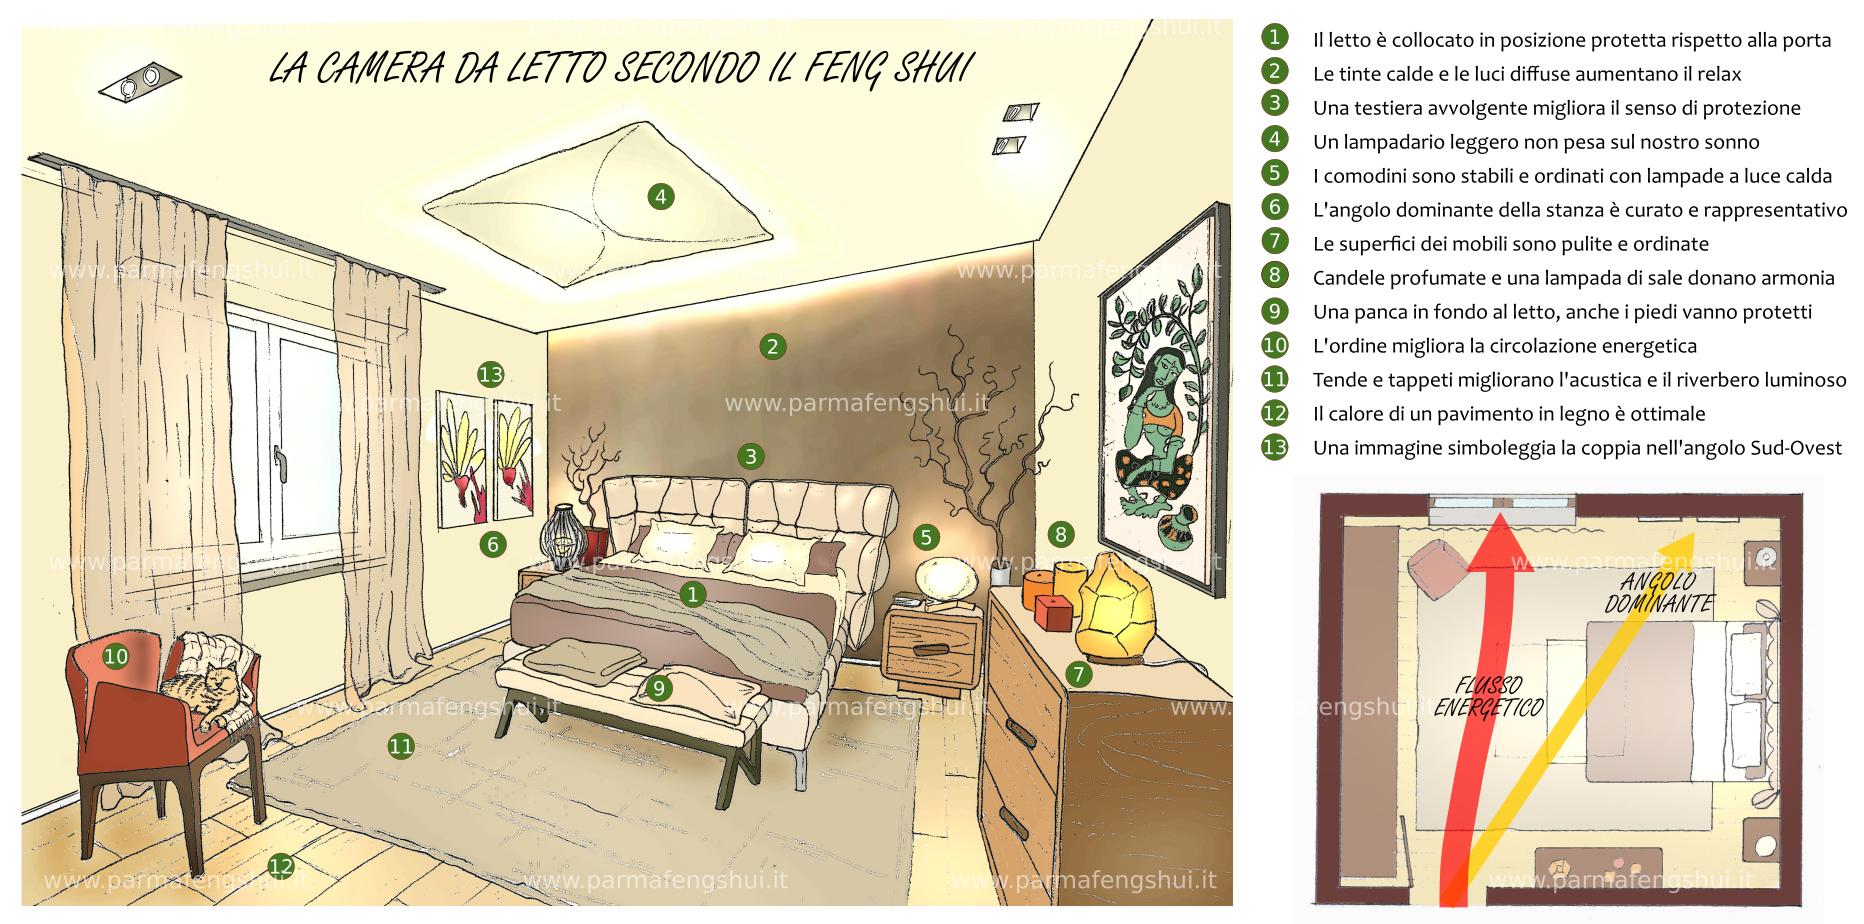 La camera da letto parma feng shui - Feng shui specchio camera letto ...